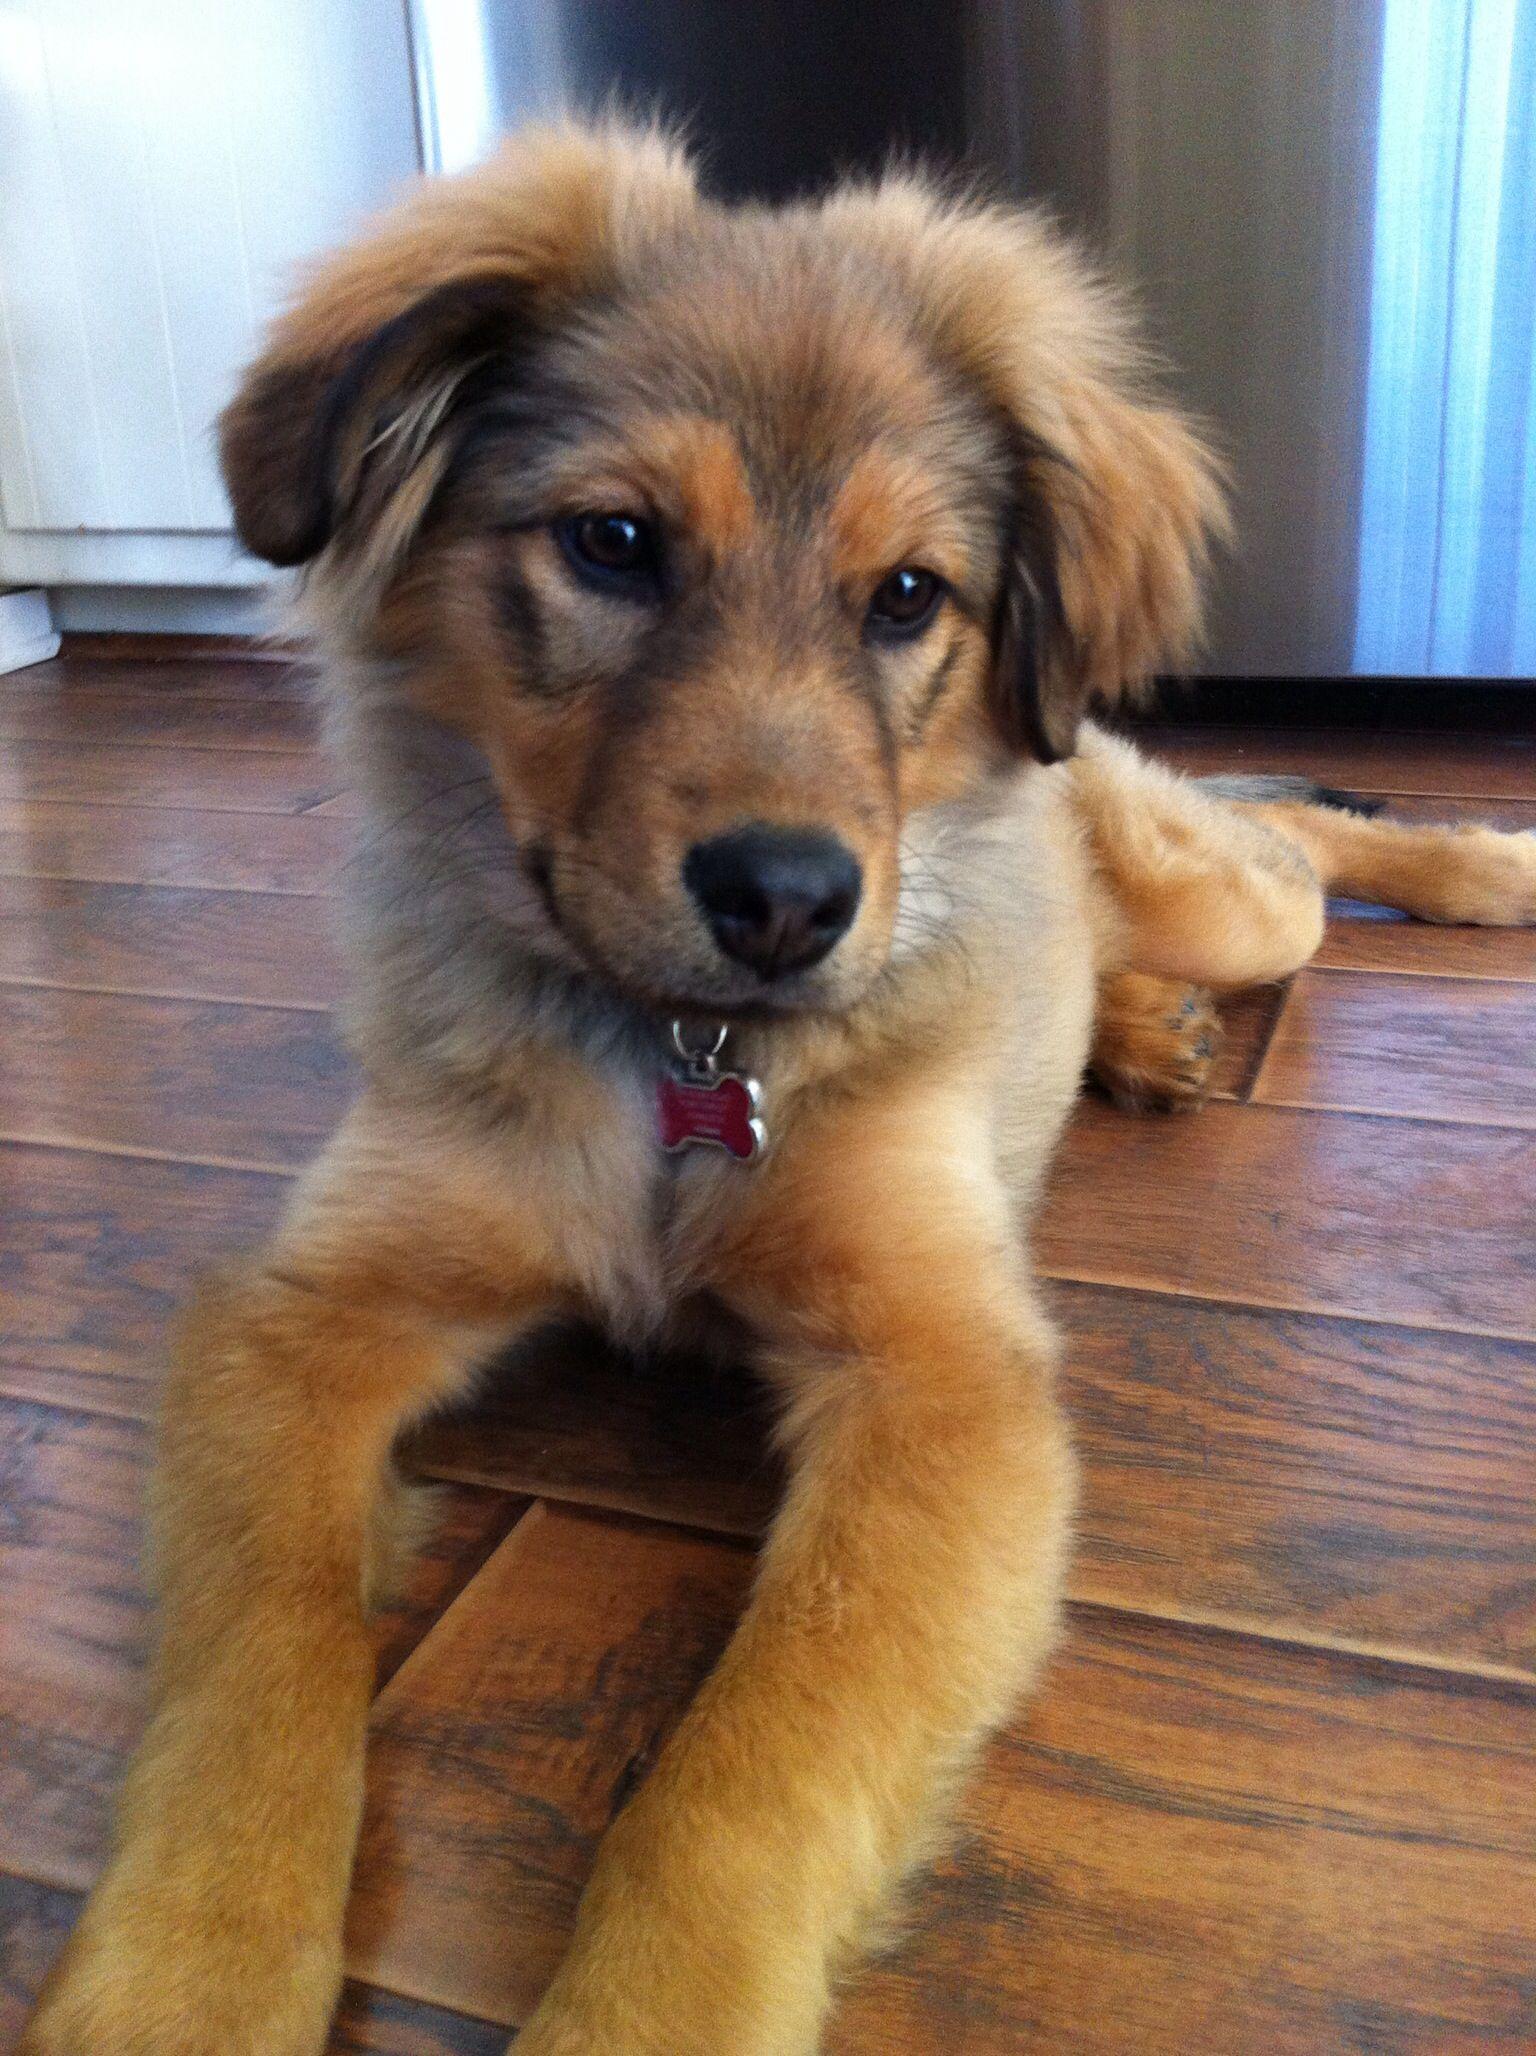 Cute Animalresue Adoption Shelter Puppies German Shepard Collie